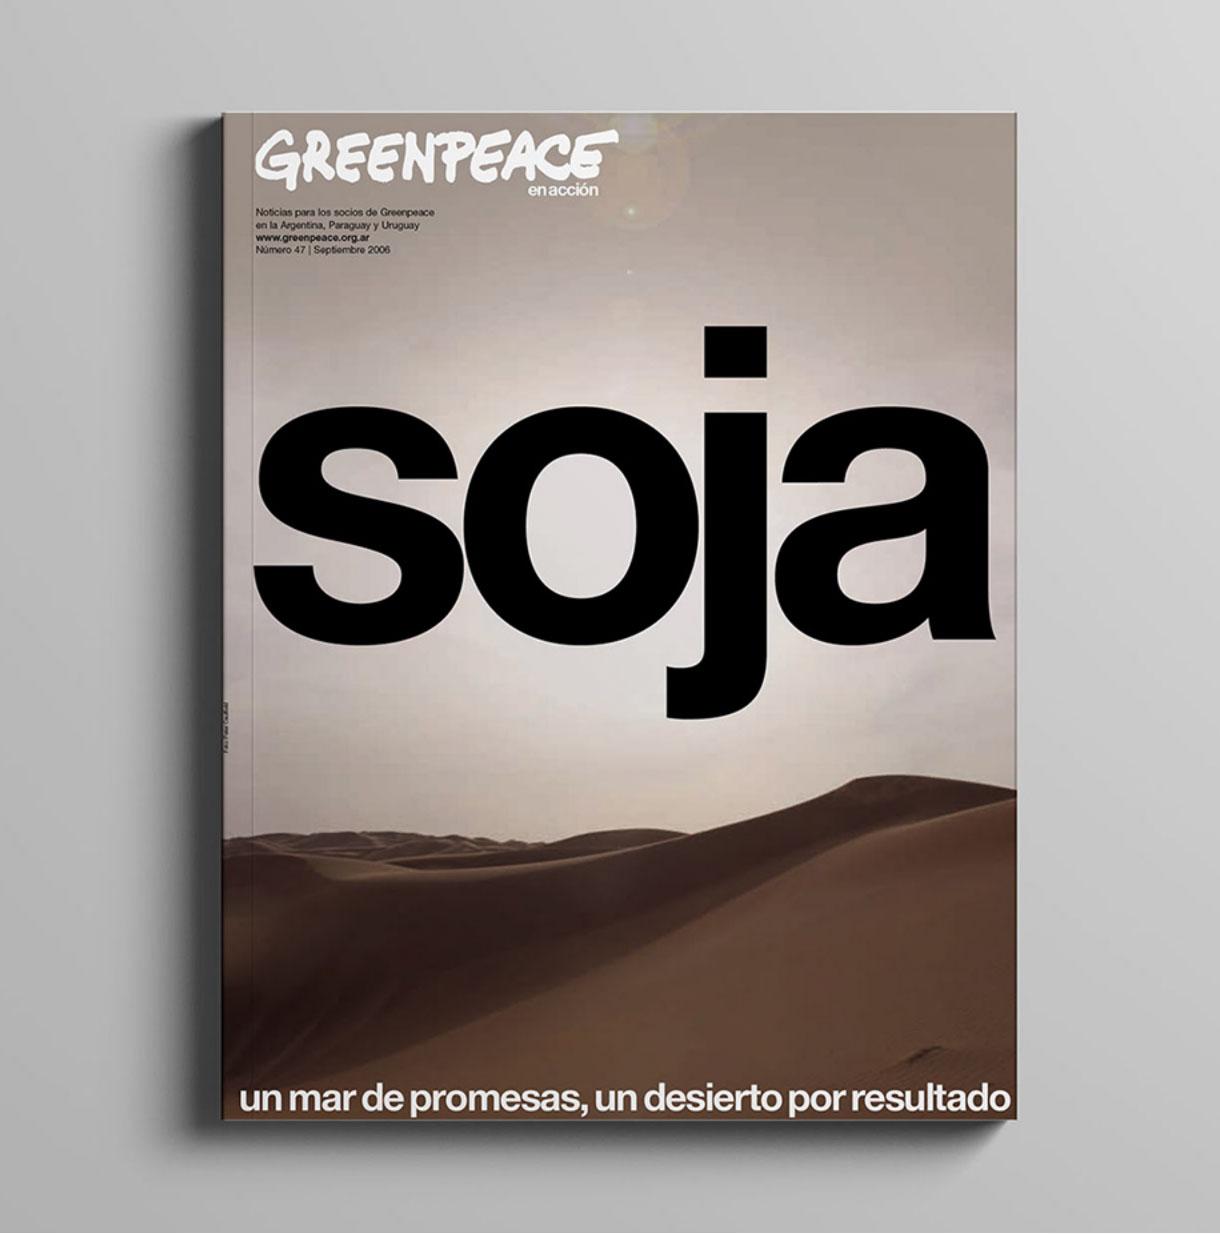 Greenpeace Argentina magazine